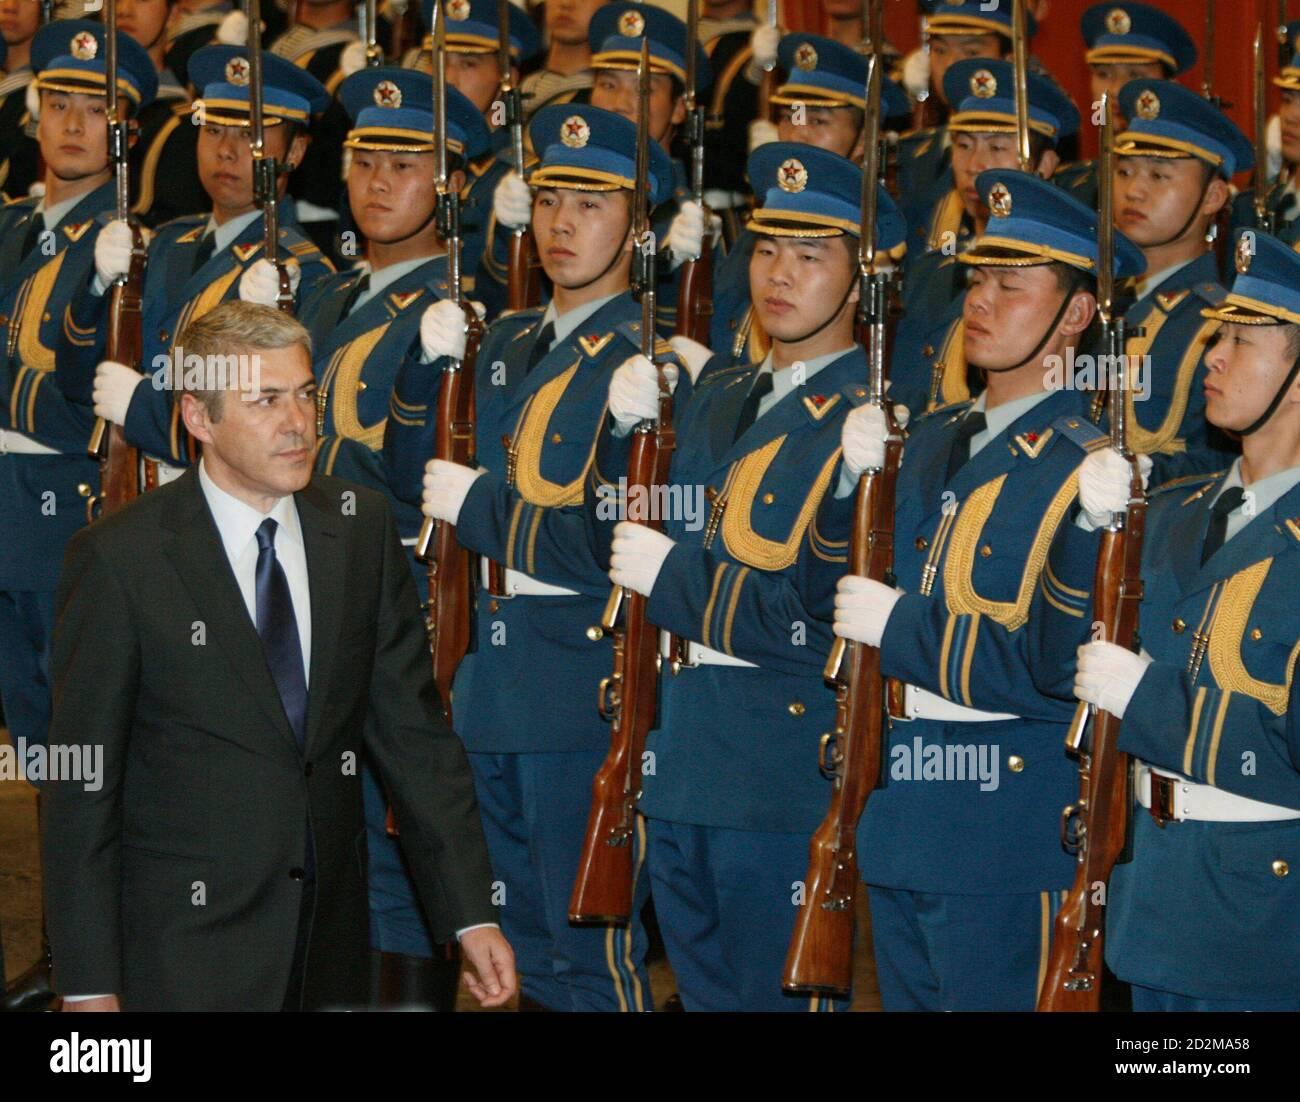 Le Premier ministre portugais en visite, José Socrates, passe en revue la garde d'honneur lors d'une cérémonie d'accueil au Grand Hall du peuple de Beijing, le 31 janvier 2007. REUTERS/Claro Cortes IV (CHINE) Banque D'Images